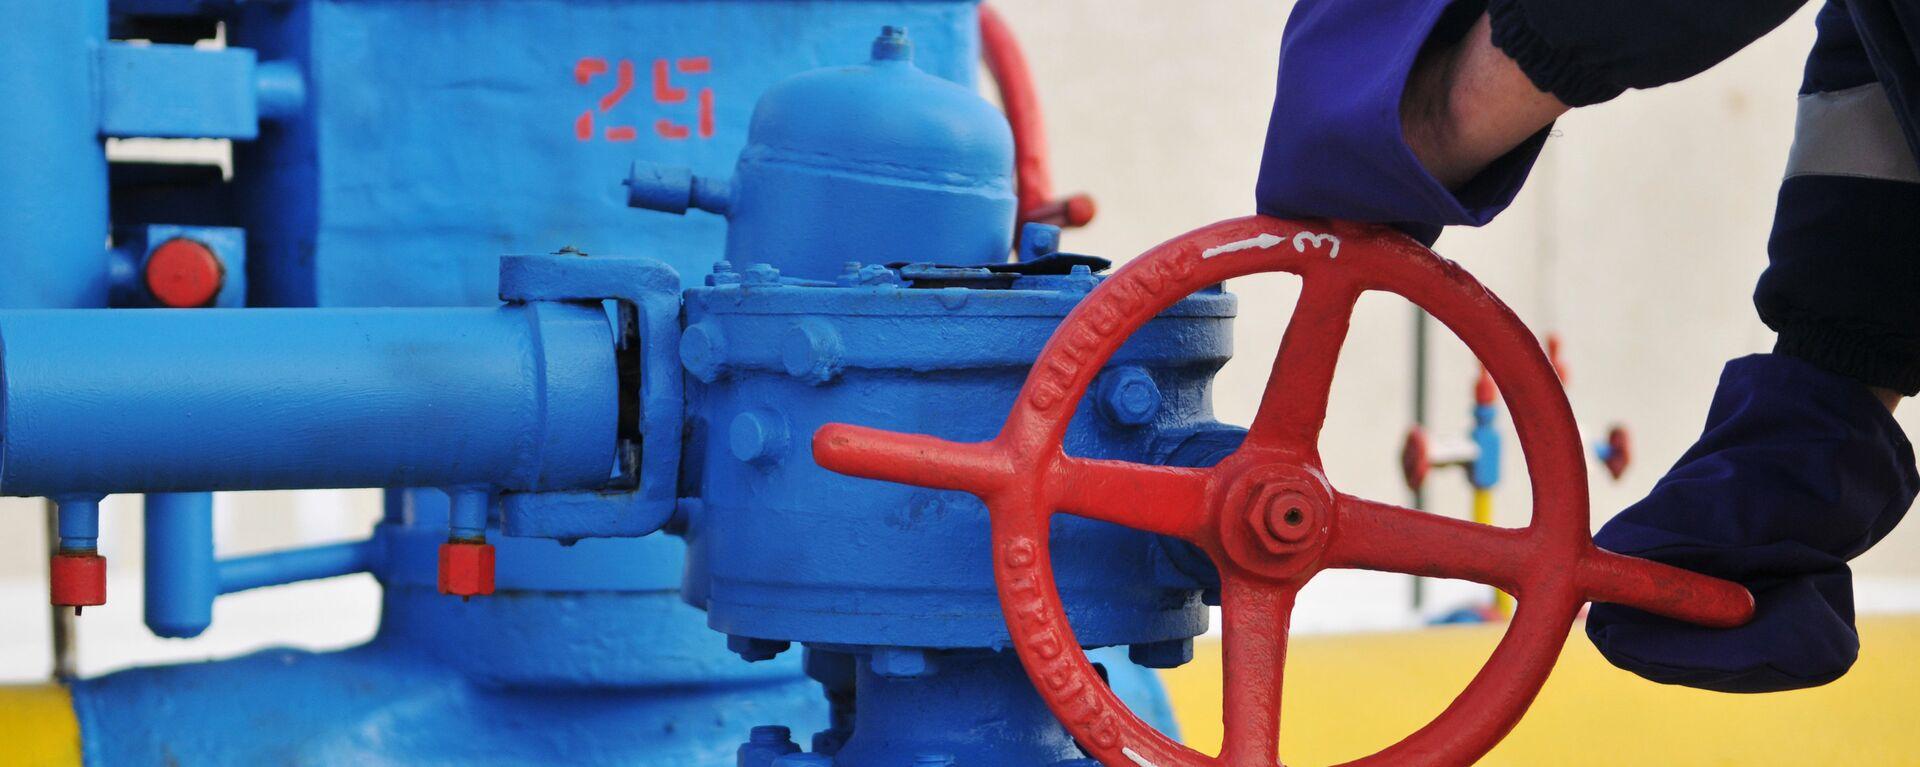 Вентиль на трубопроводе газораспределительной станции Нежухив  - Sputnik Армения, 1920, 21.09.2021